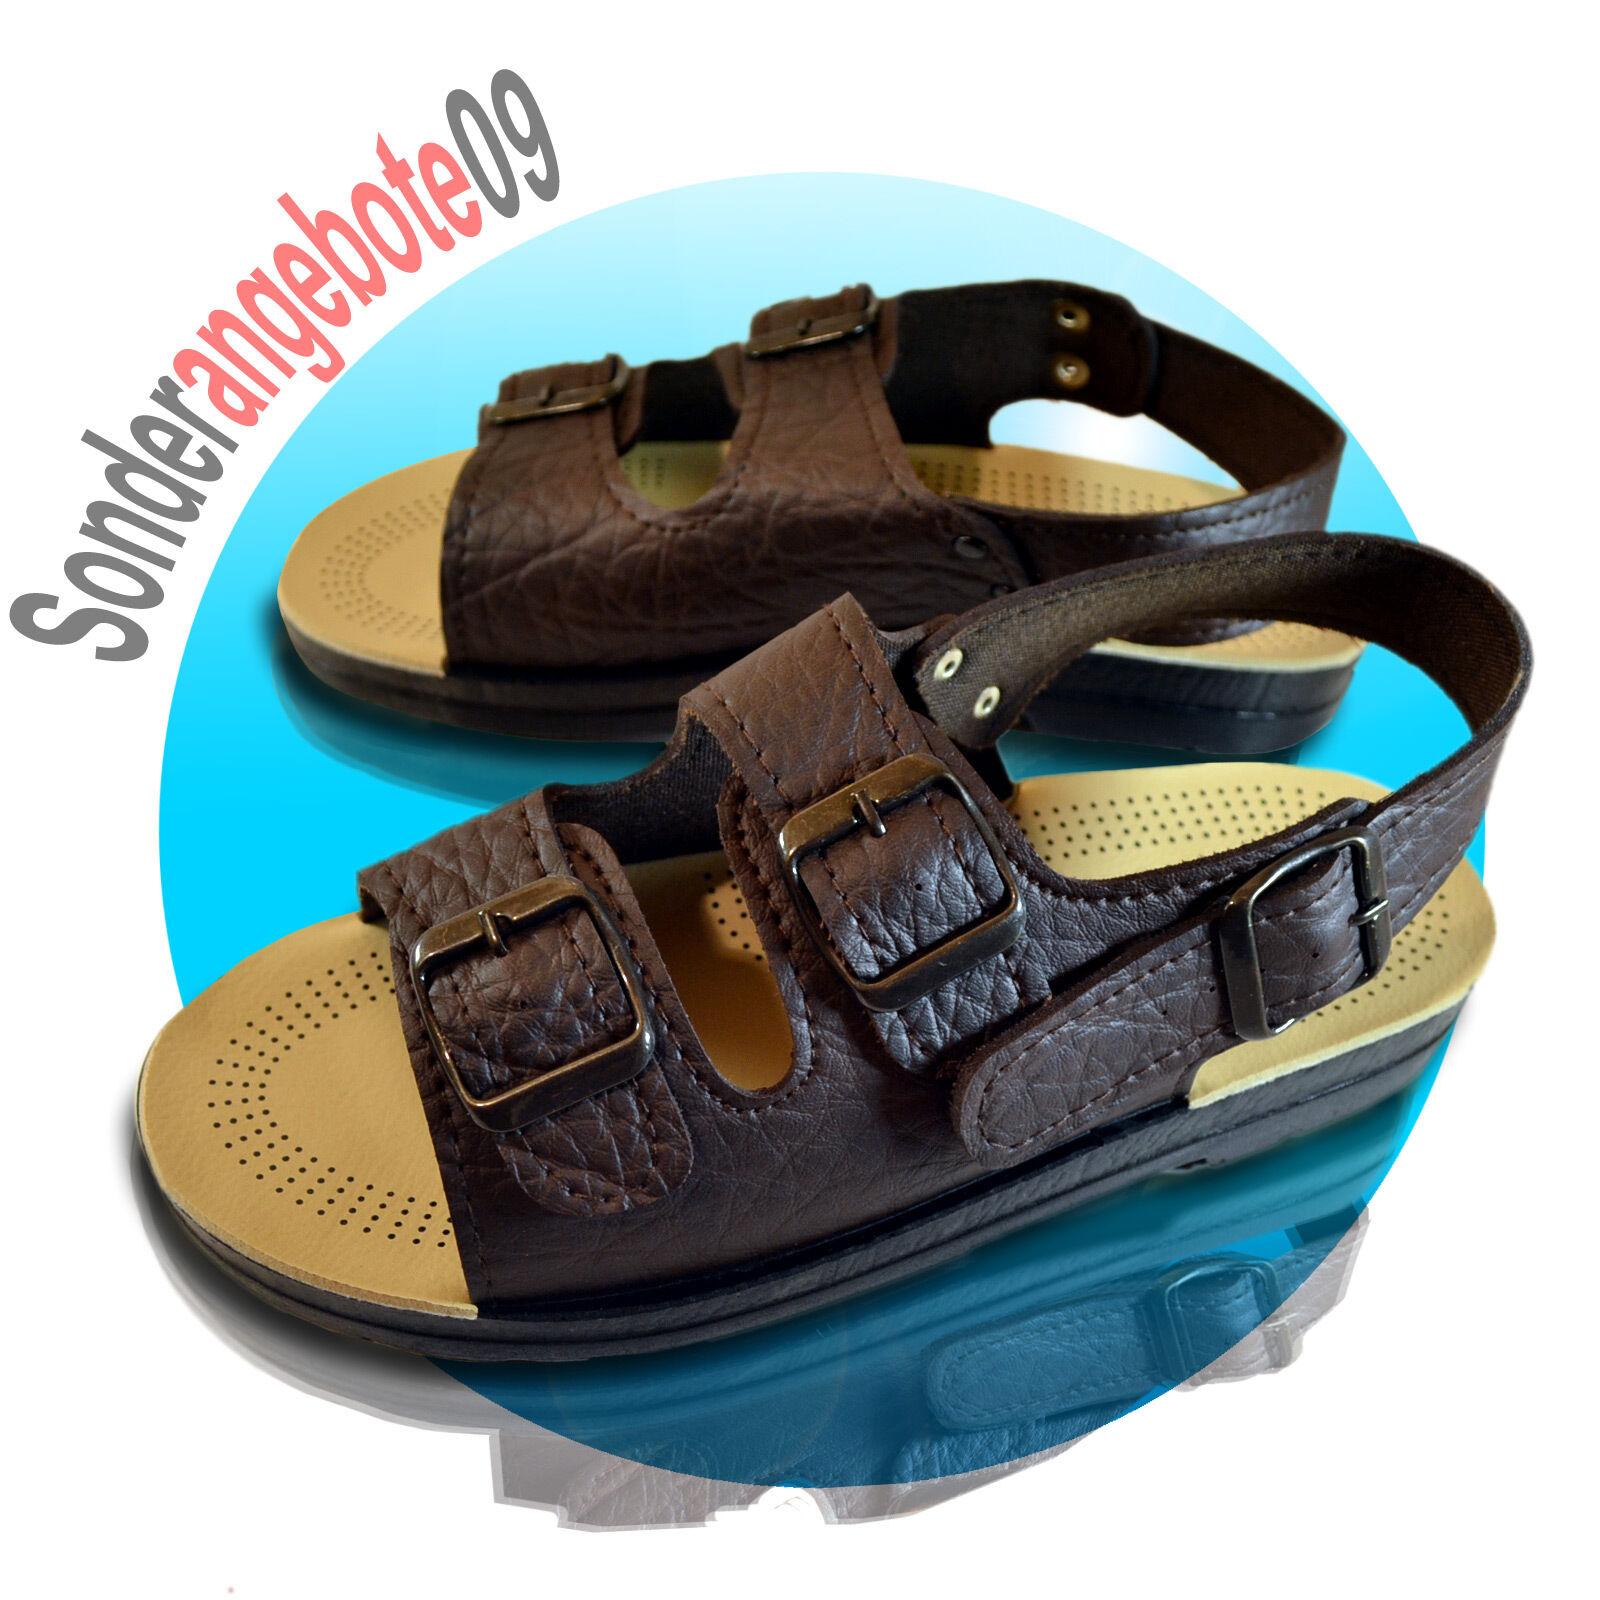 Sandalette Sandalen ZAPATOS 44 40 41 42 43 44 ZAPATOS 45 46 Latschen Jesuslatschen Römer 0ec0cd